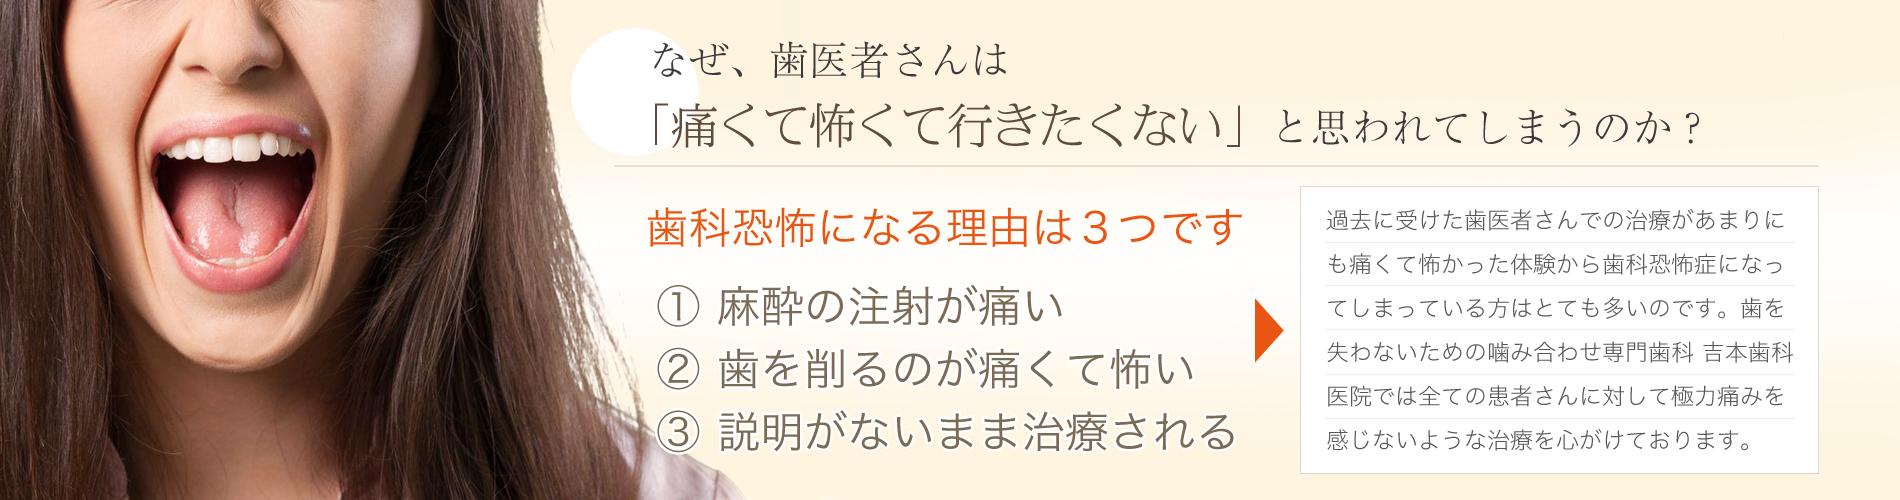 削らす薬で治す歯科治療なら香川県高松市の吉本歯科医院